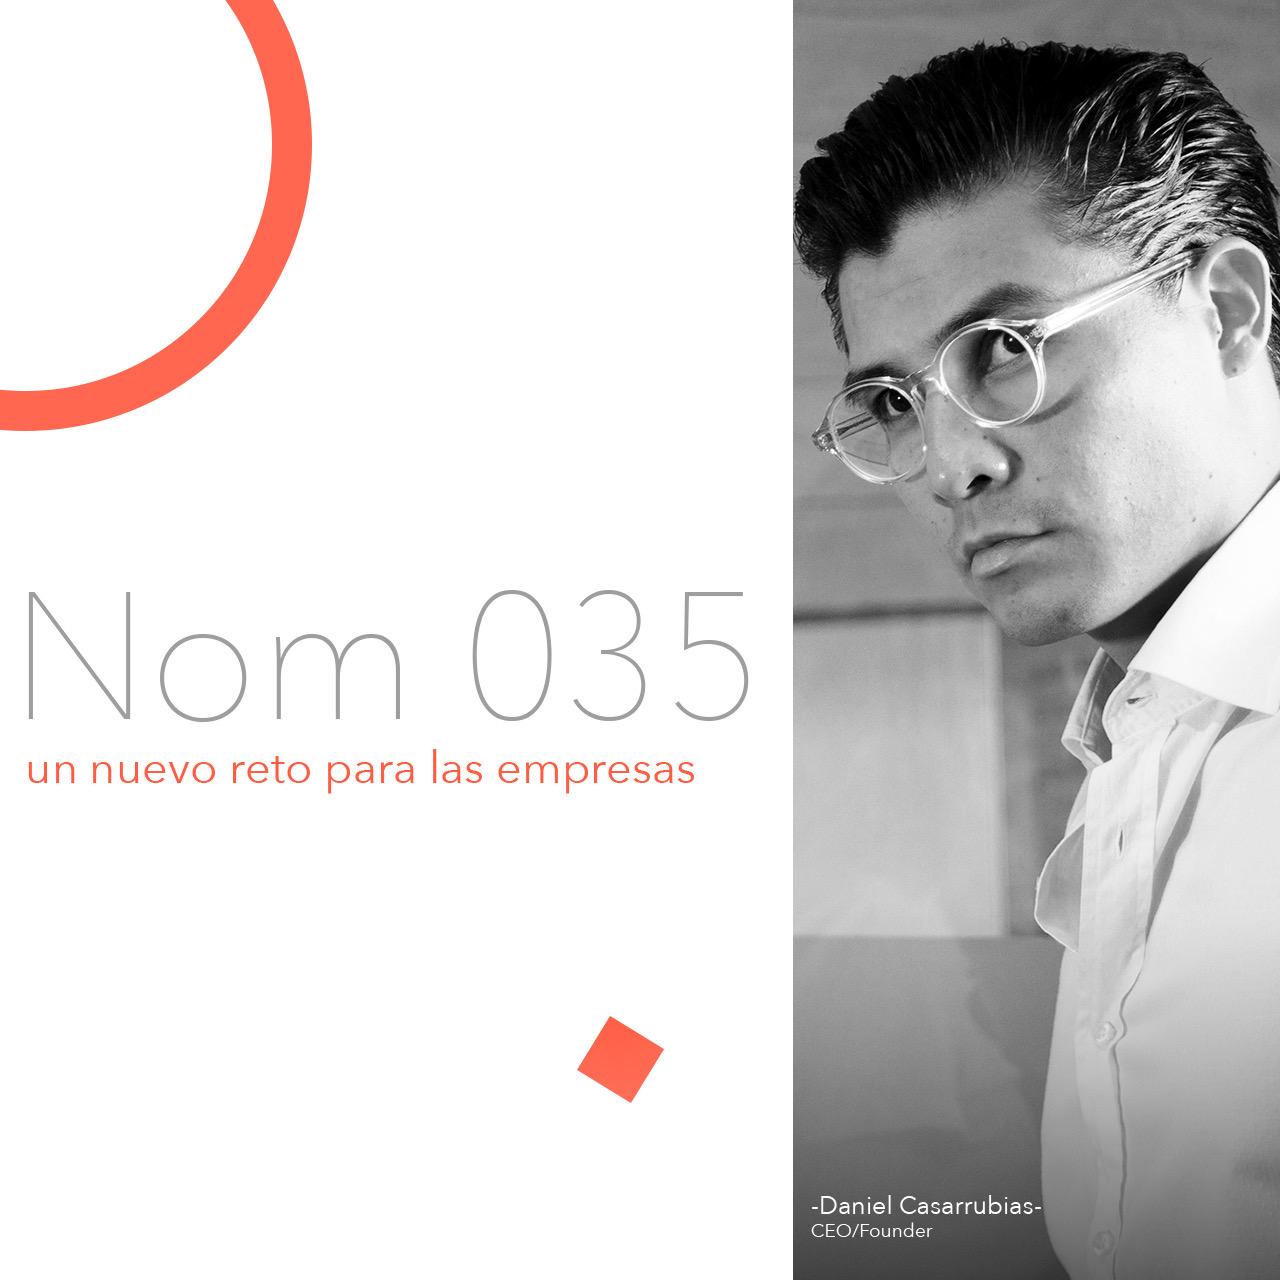 NOM 035, un nuevo reto para las empresas